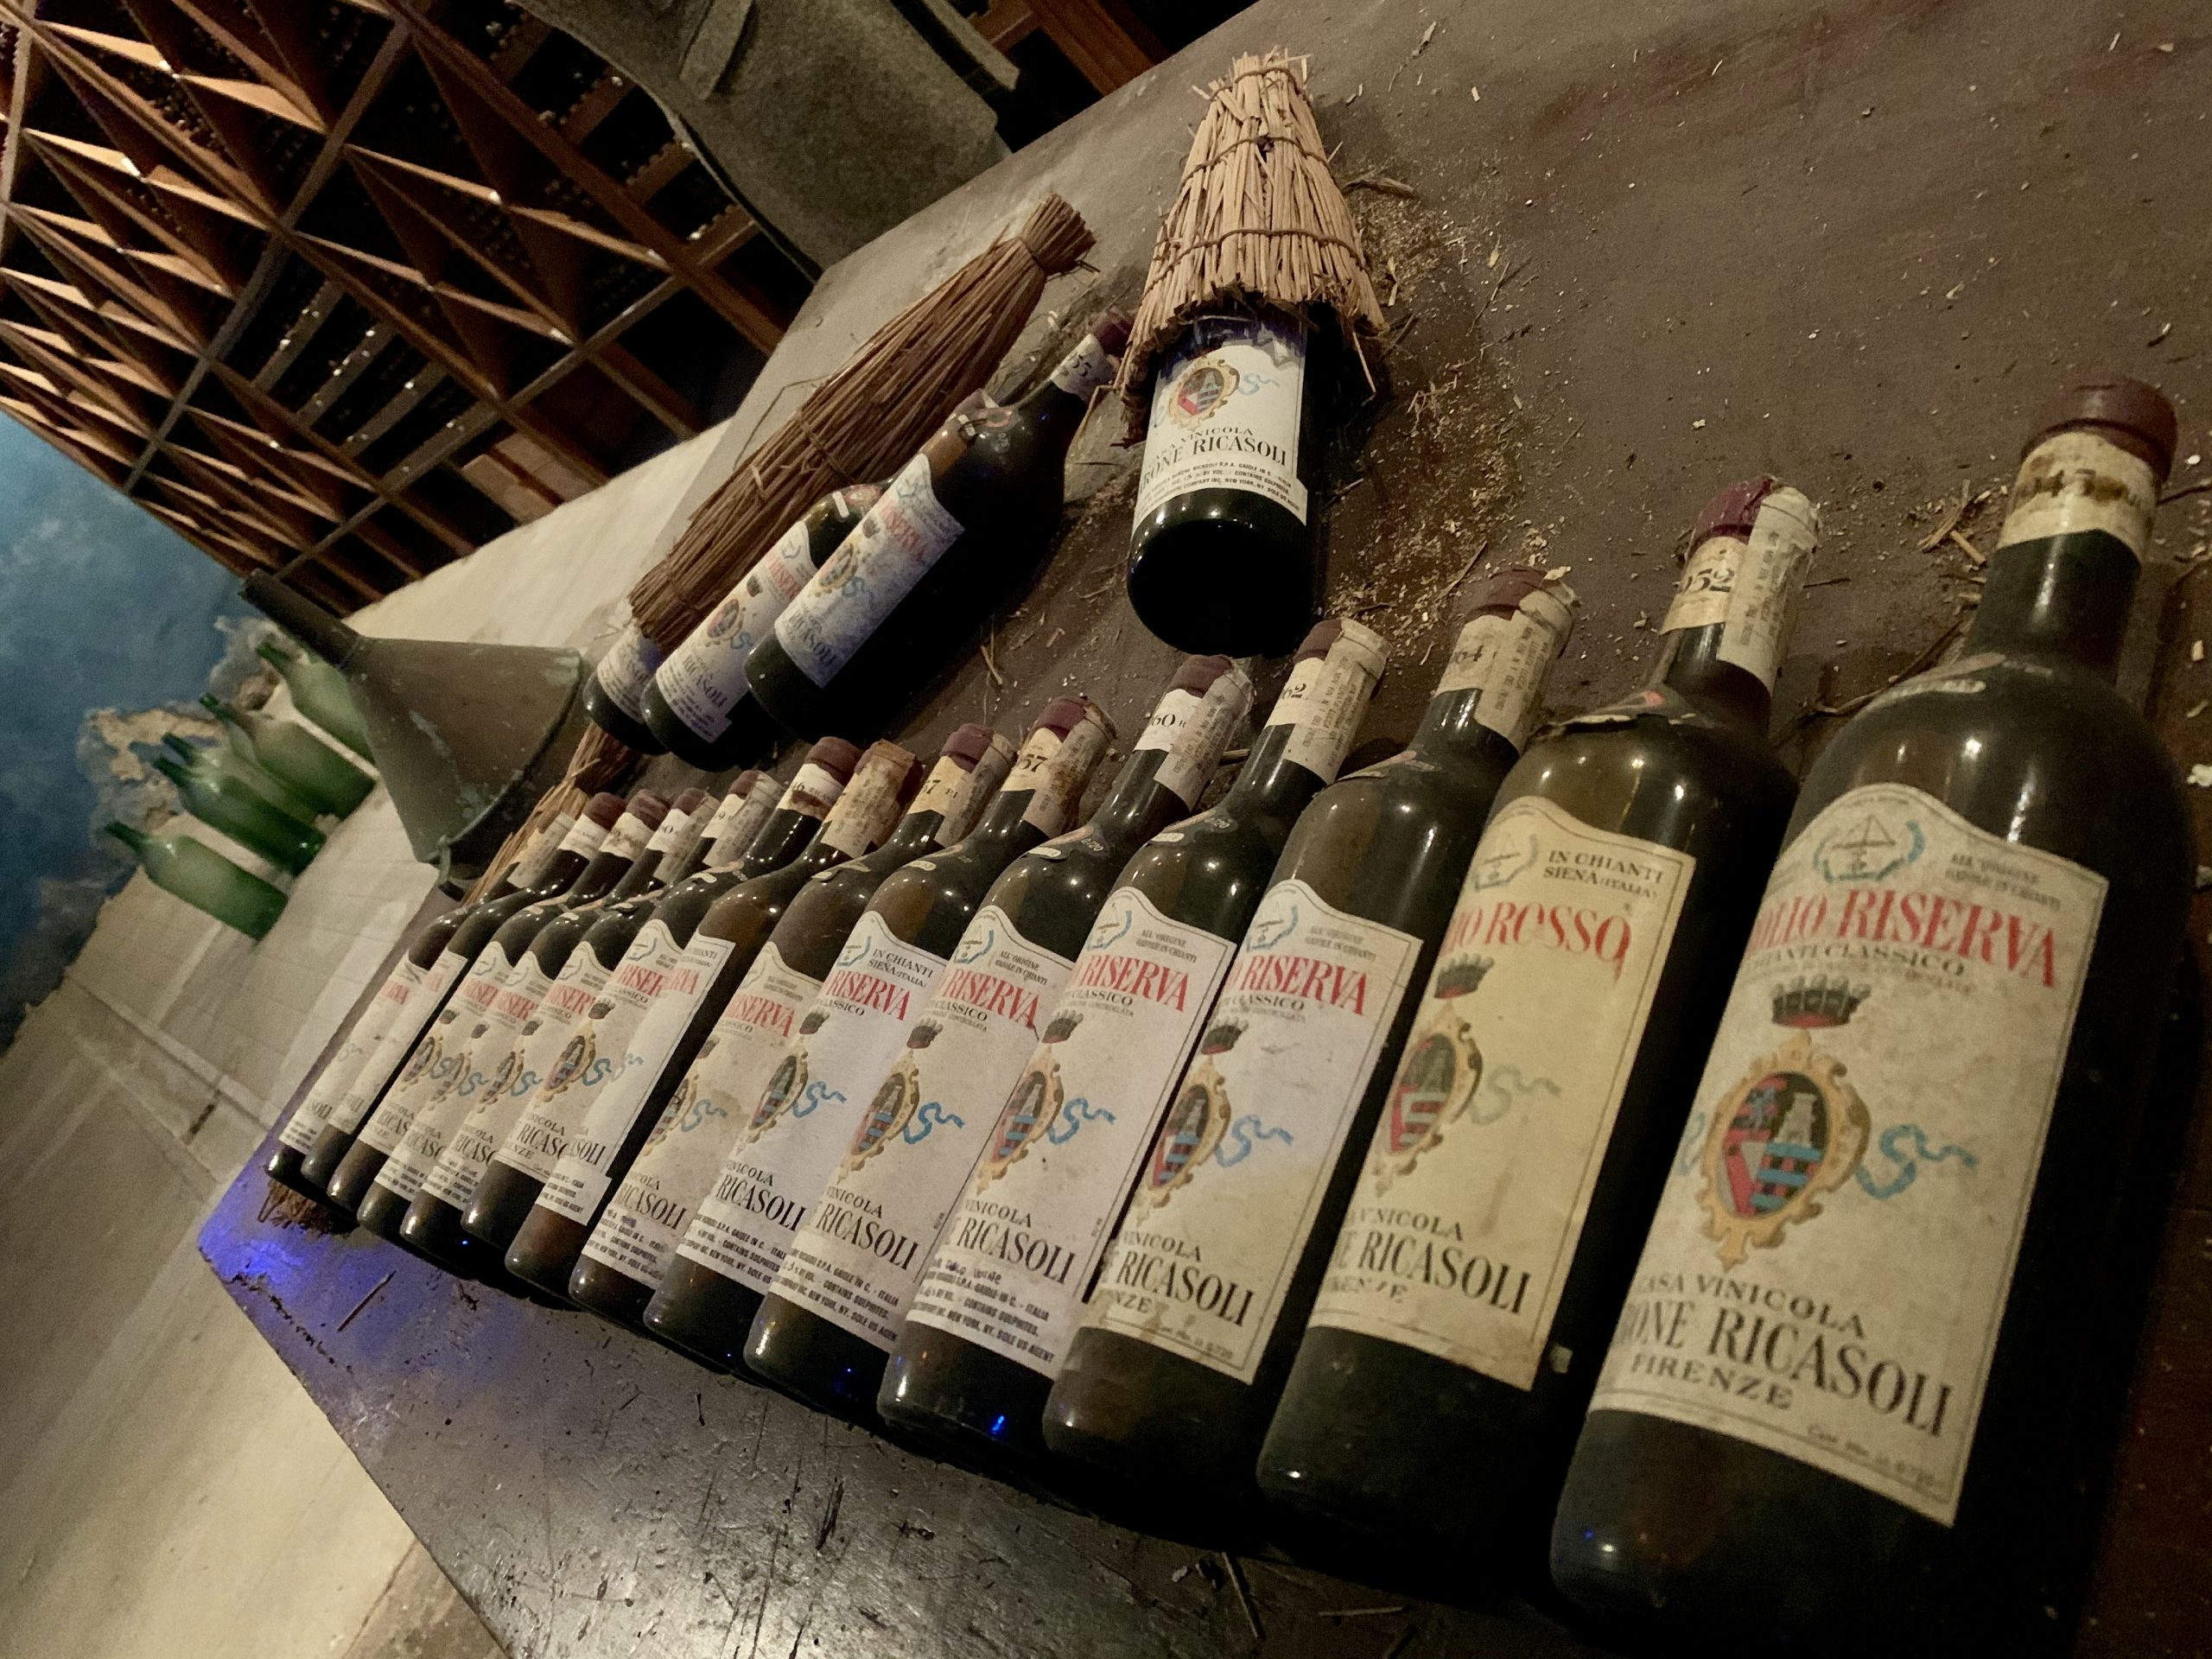 Niente più segreti per l'etichetta vino rosso